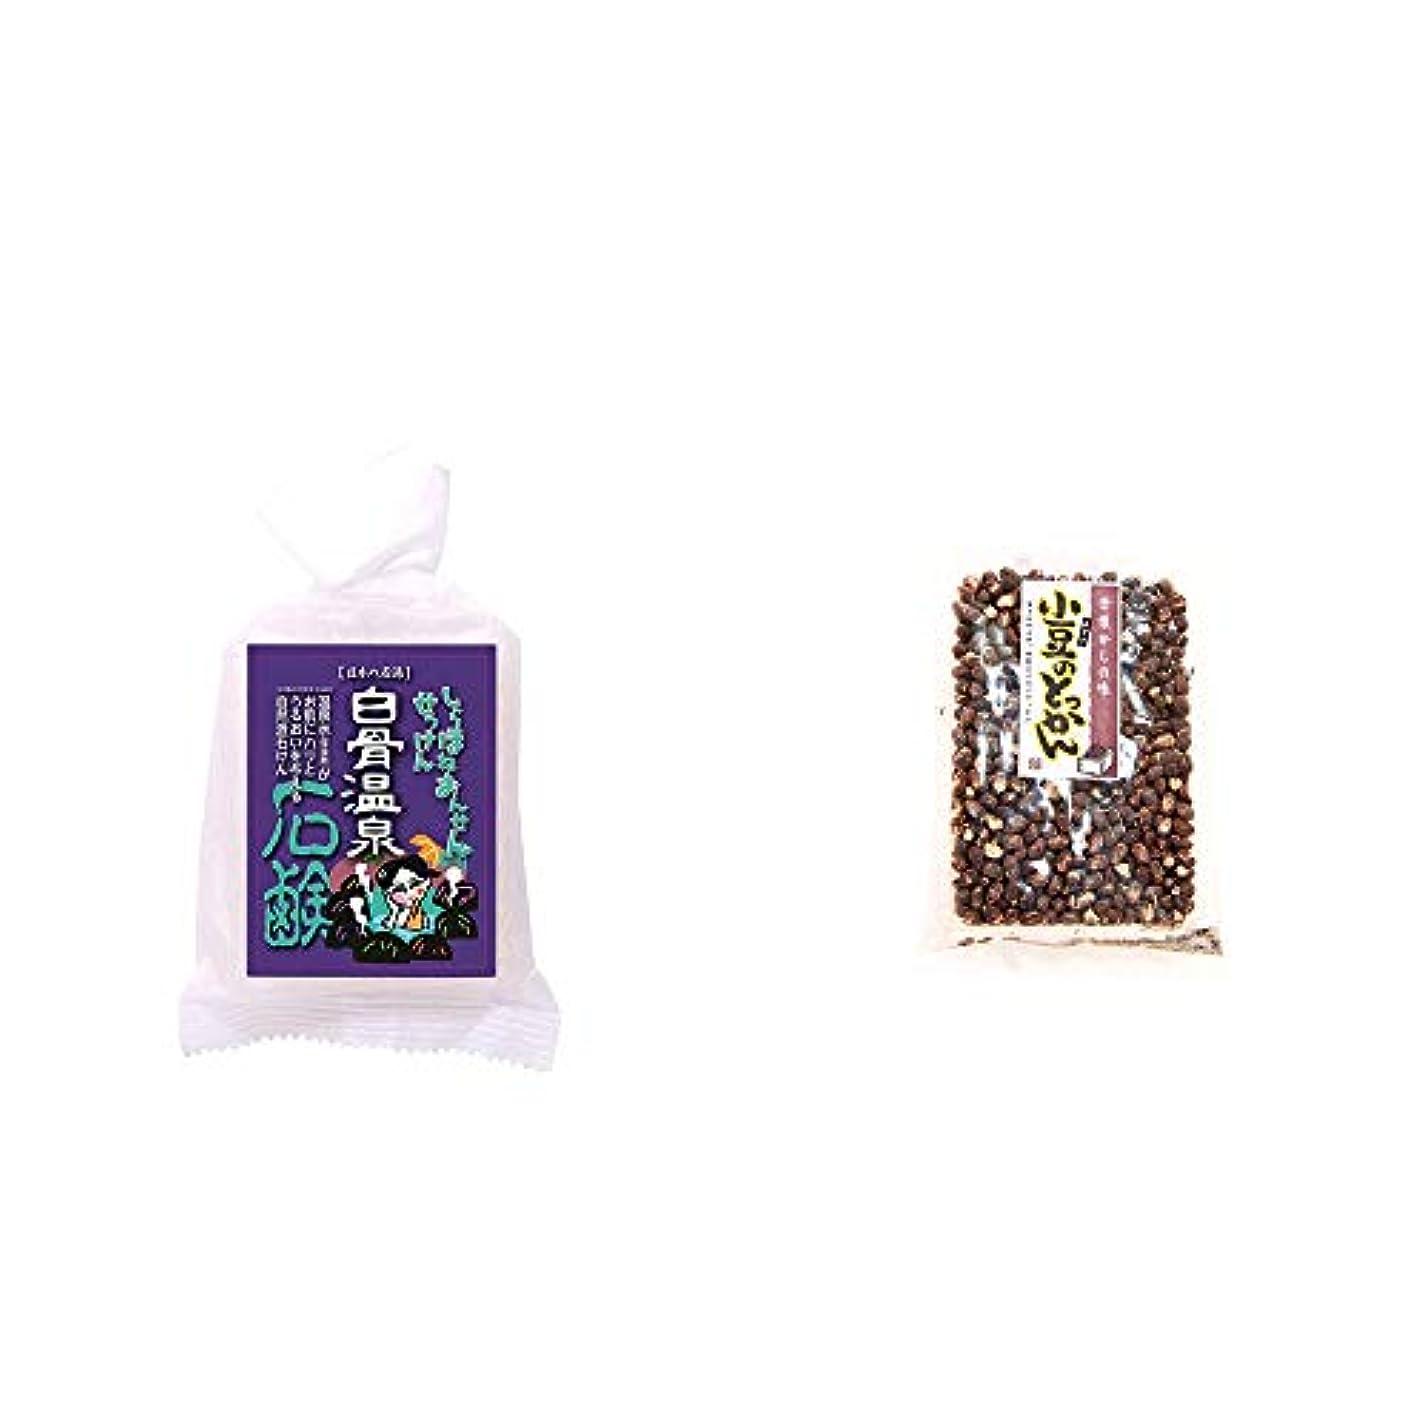 シニス数値道[2点セット] 信州 白骨温泉石鹸(80g)?小豆のとっかん(150g)